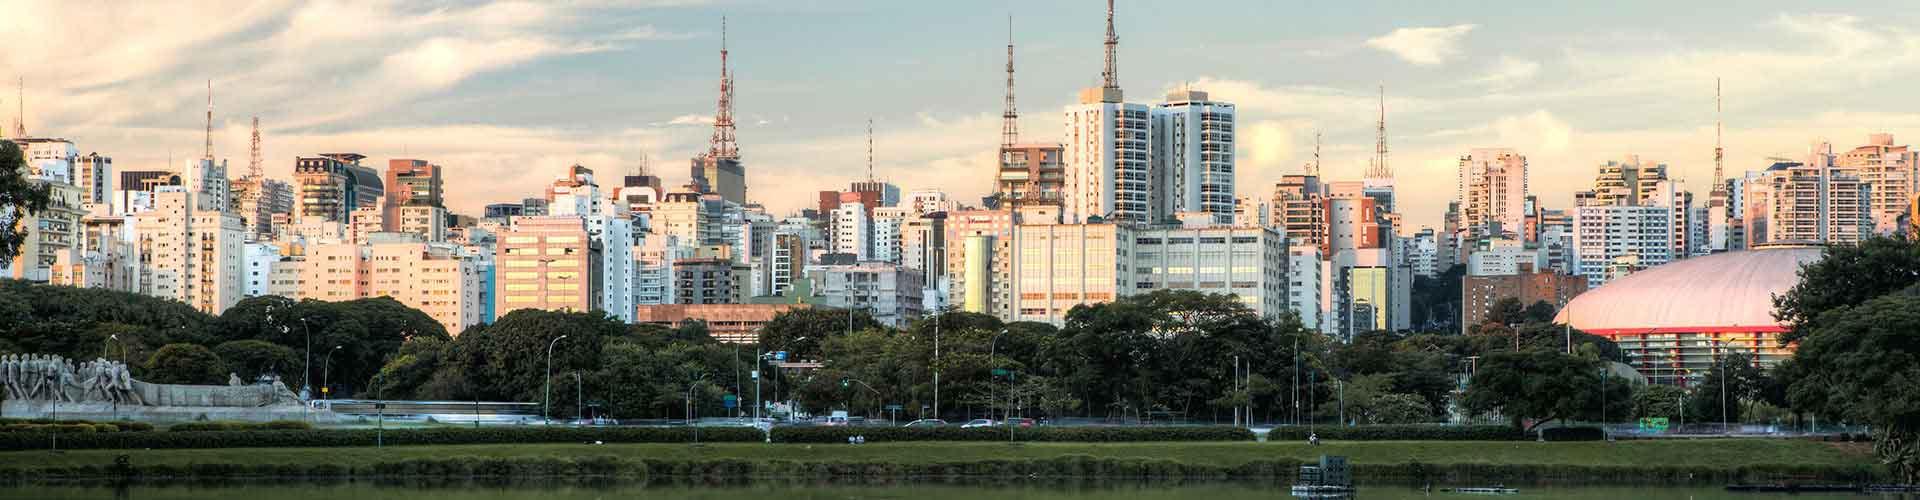 Sao Paulo - Hoteles baratos en el distrito Pacaembu. Mapas de Sao Paulo, Fotos y comentarios de cada Hotel barato en Sao Paulo.